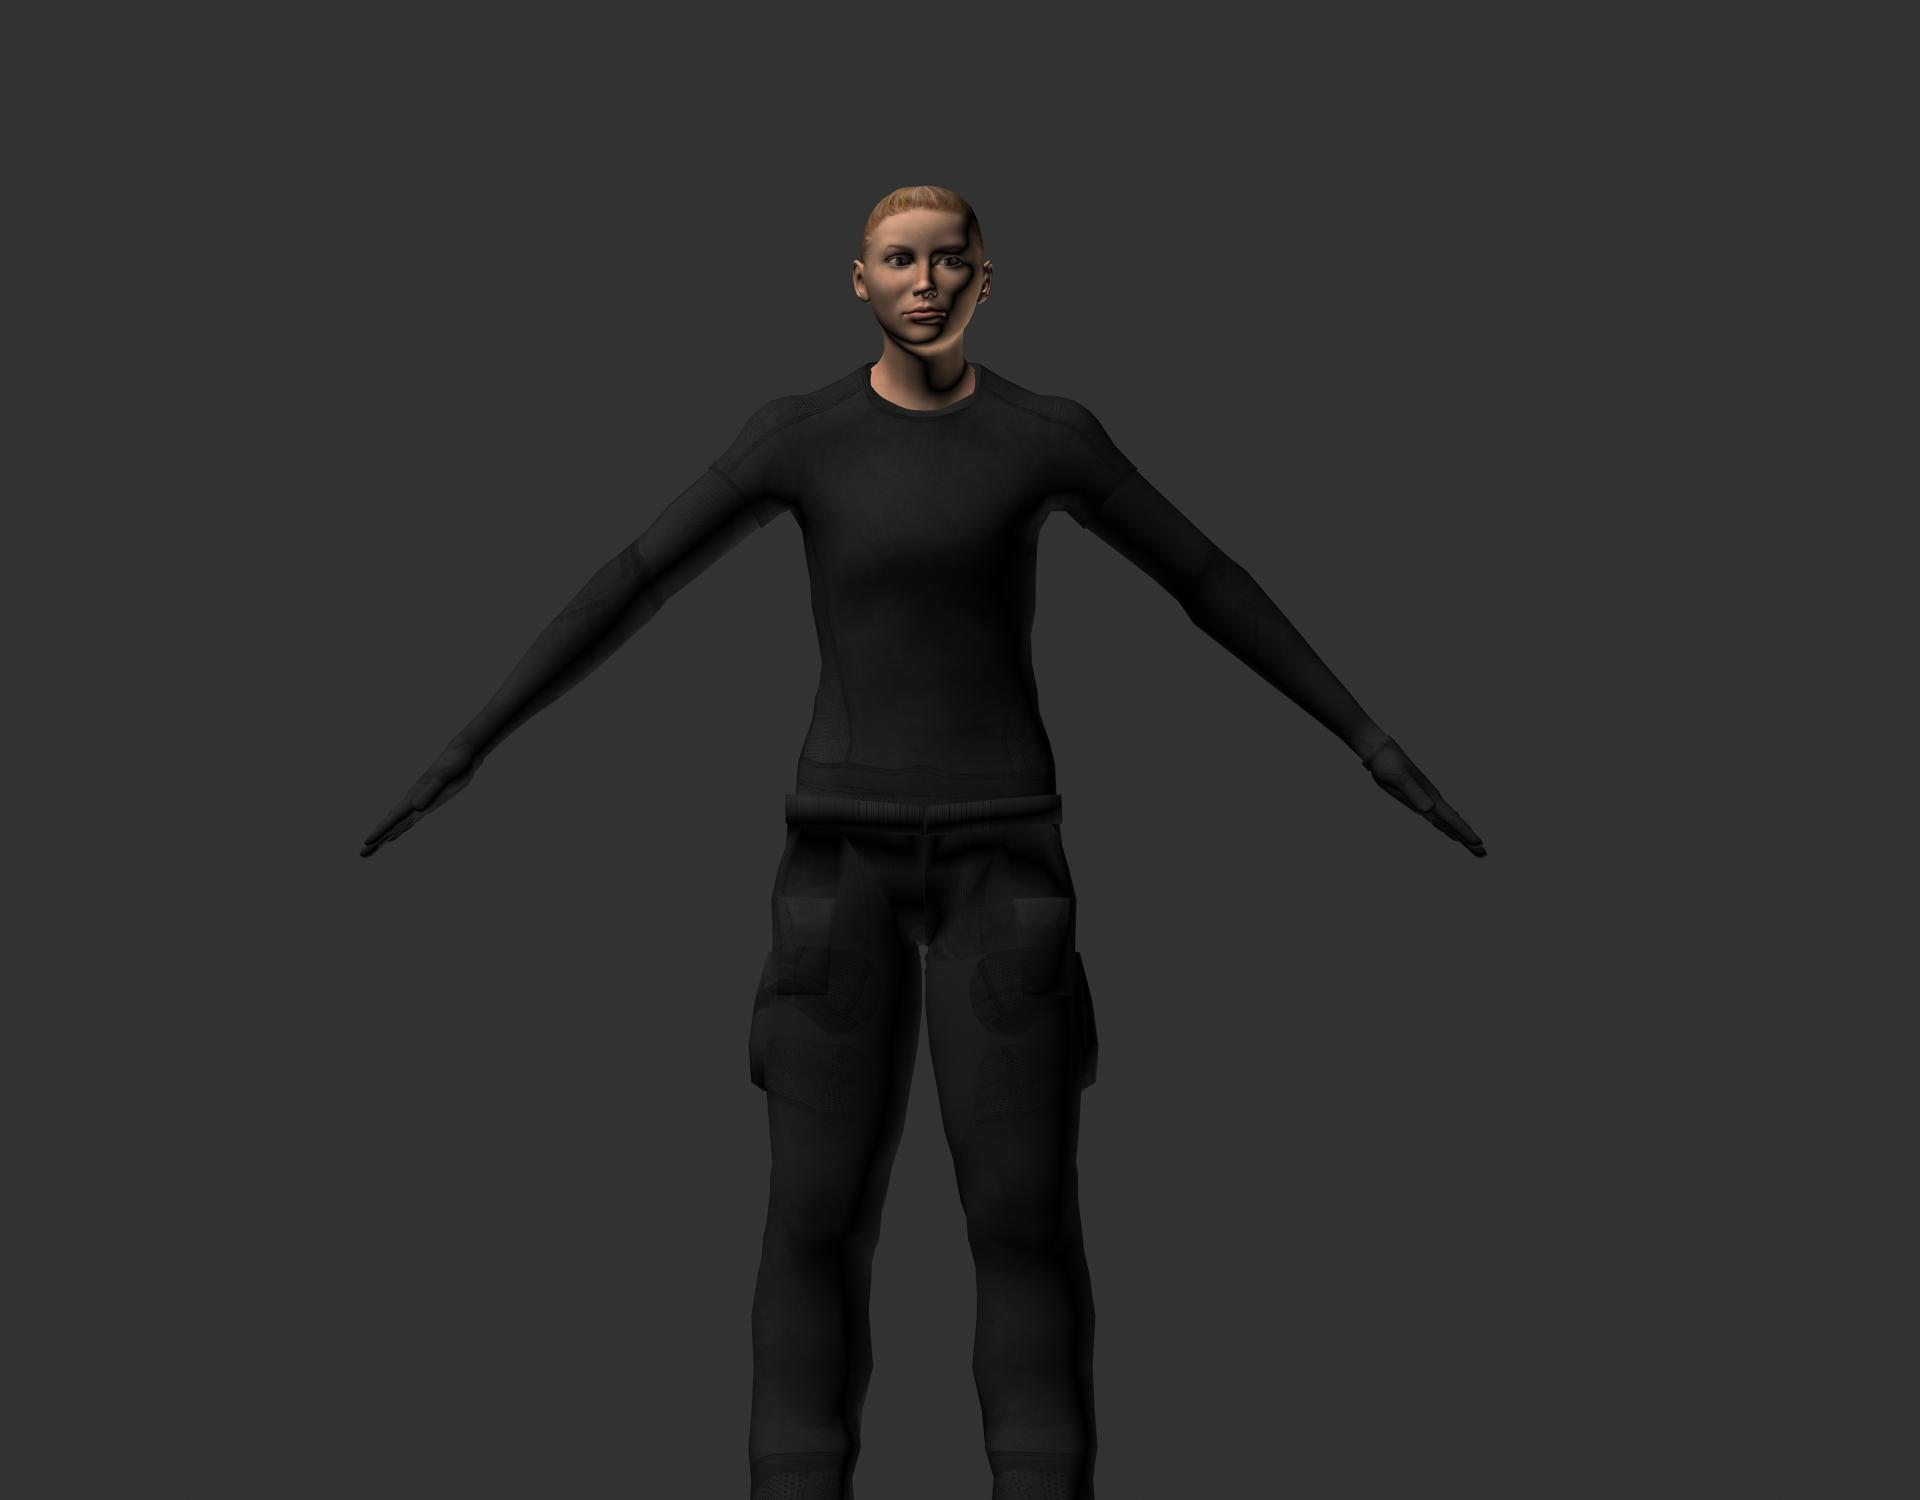 render_new_model_1_by_zeealex-d7z6n9o.jpg